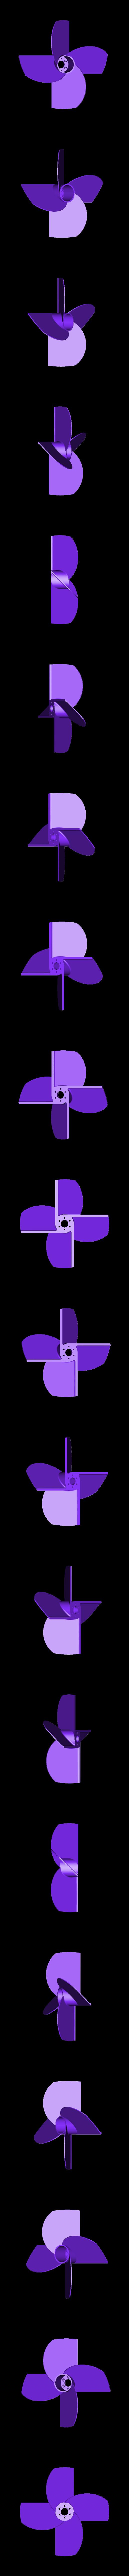 4 big flaps marine propeller.stl Télécharger fichier STL gratuit Hélice marine à 4 volets • Modèle pour imprimante 3D, ErkanErk